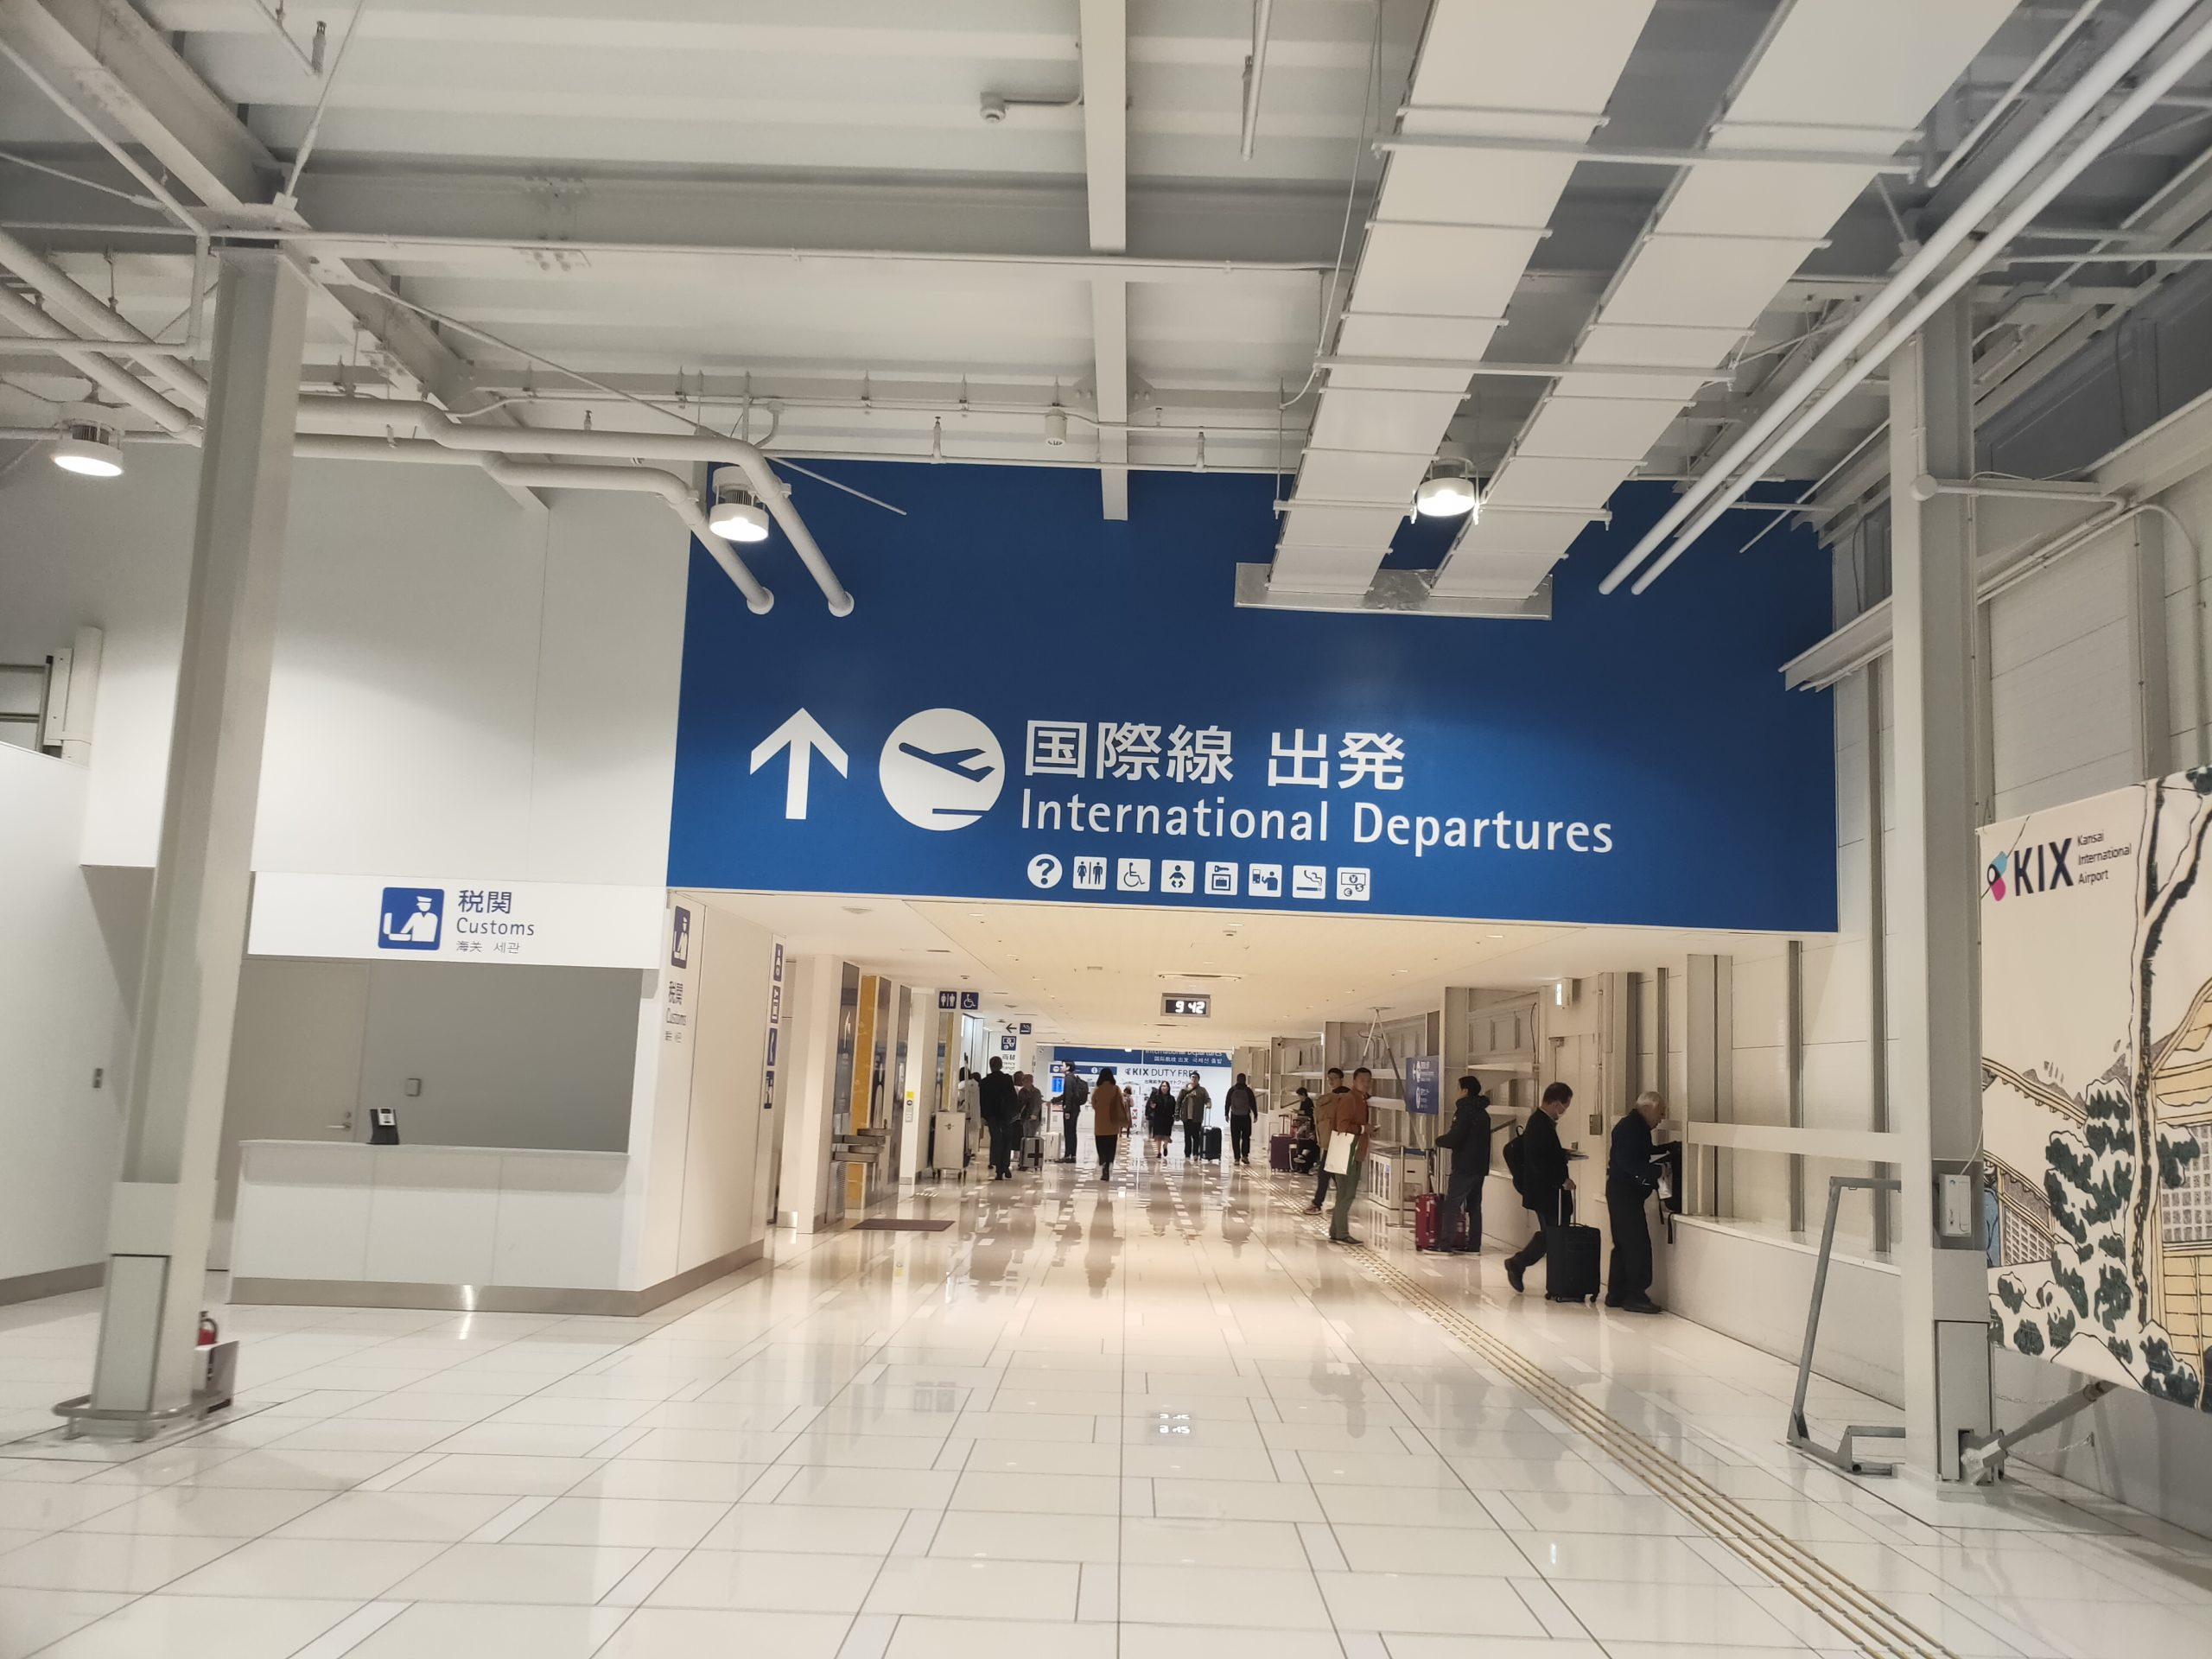 関空第2ターミナル 出発ロビー